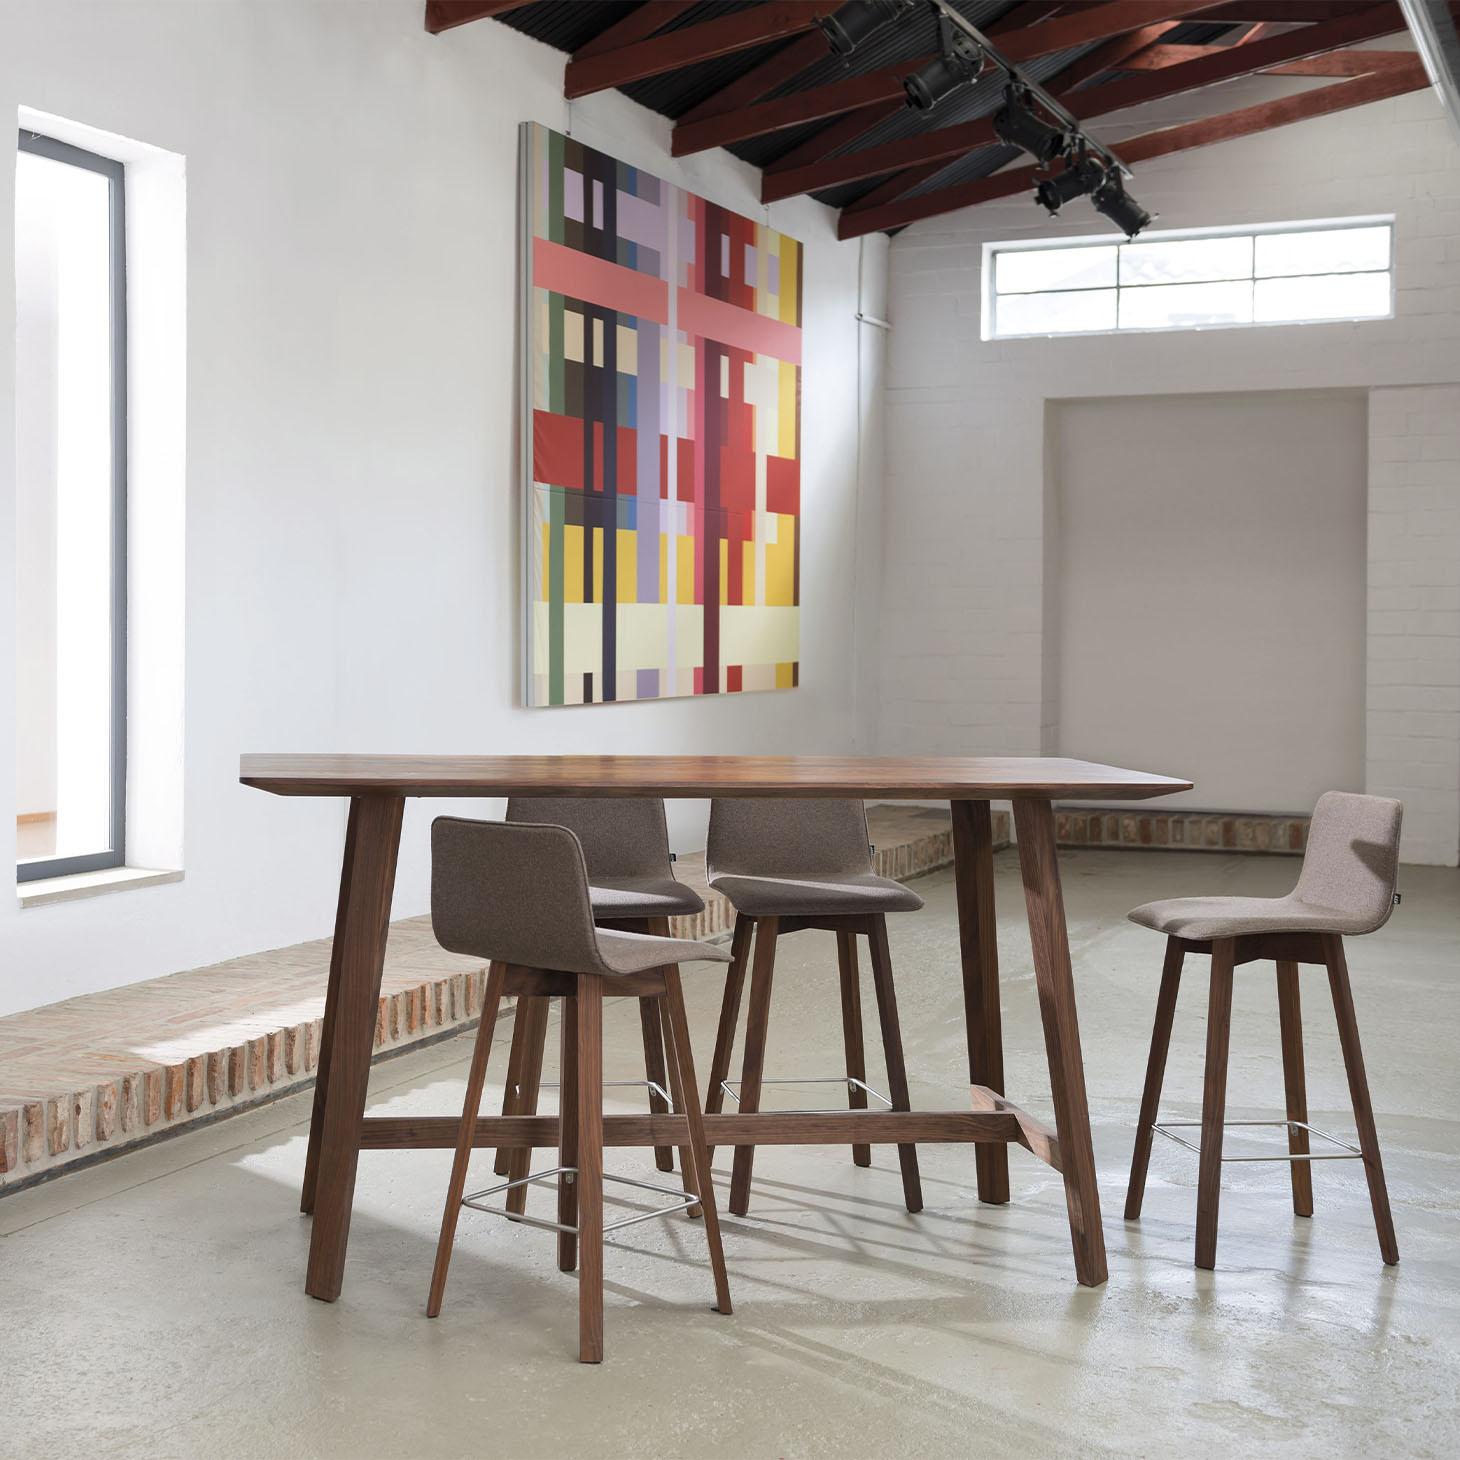 Maverick Bar Table and Chair